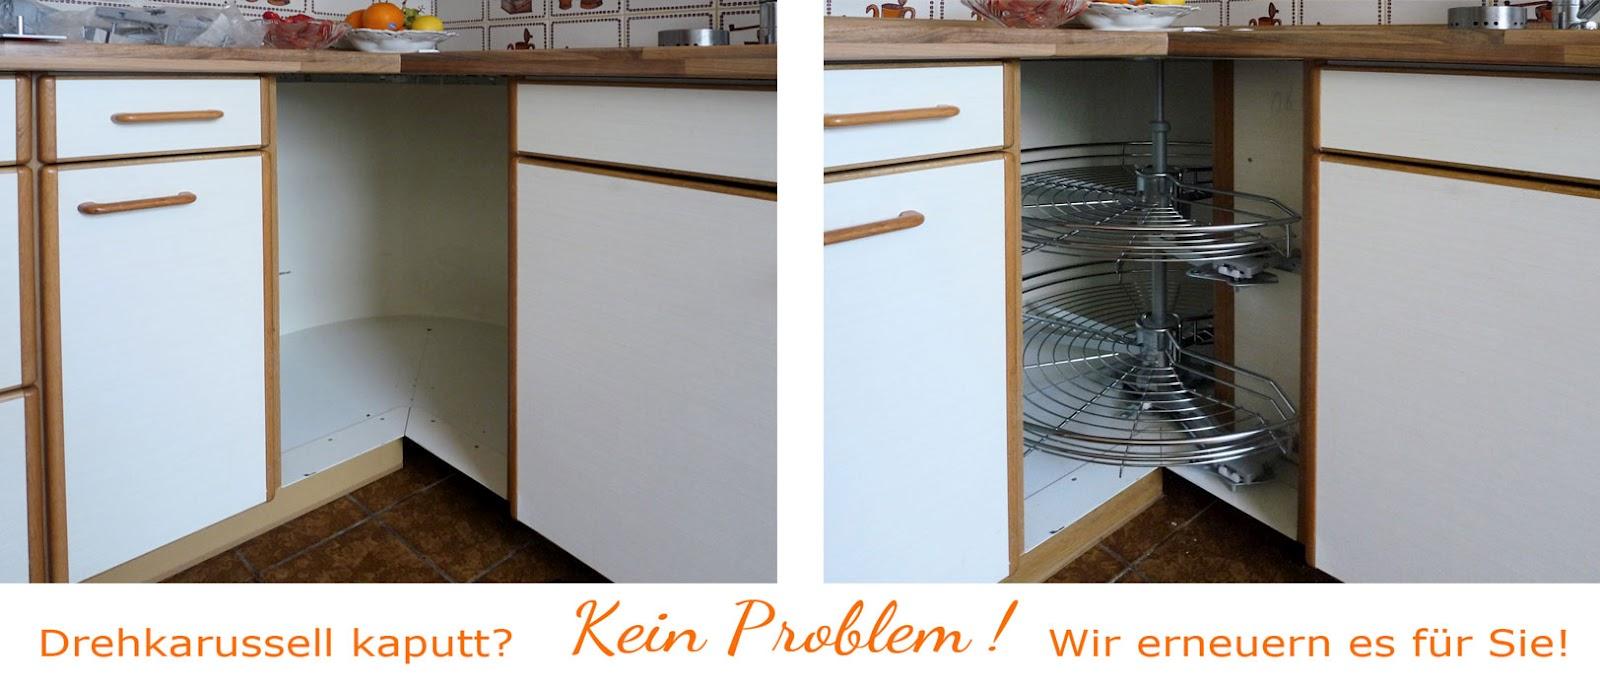 Full Size of Wir Renovieren Ihre Kche Reparieren In Mnchen Wohnzimmer Küchenkarussell